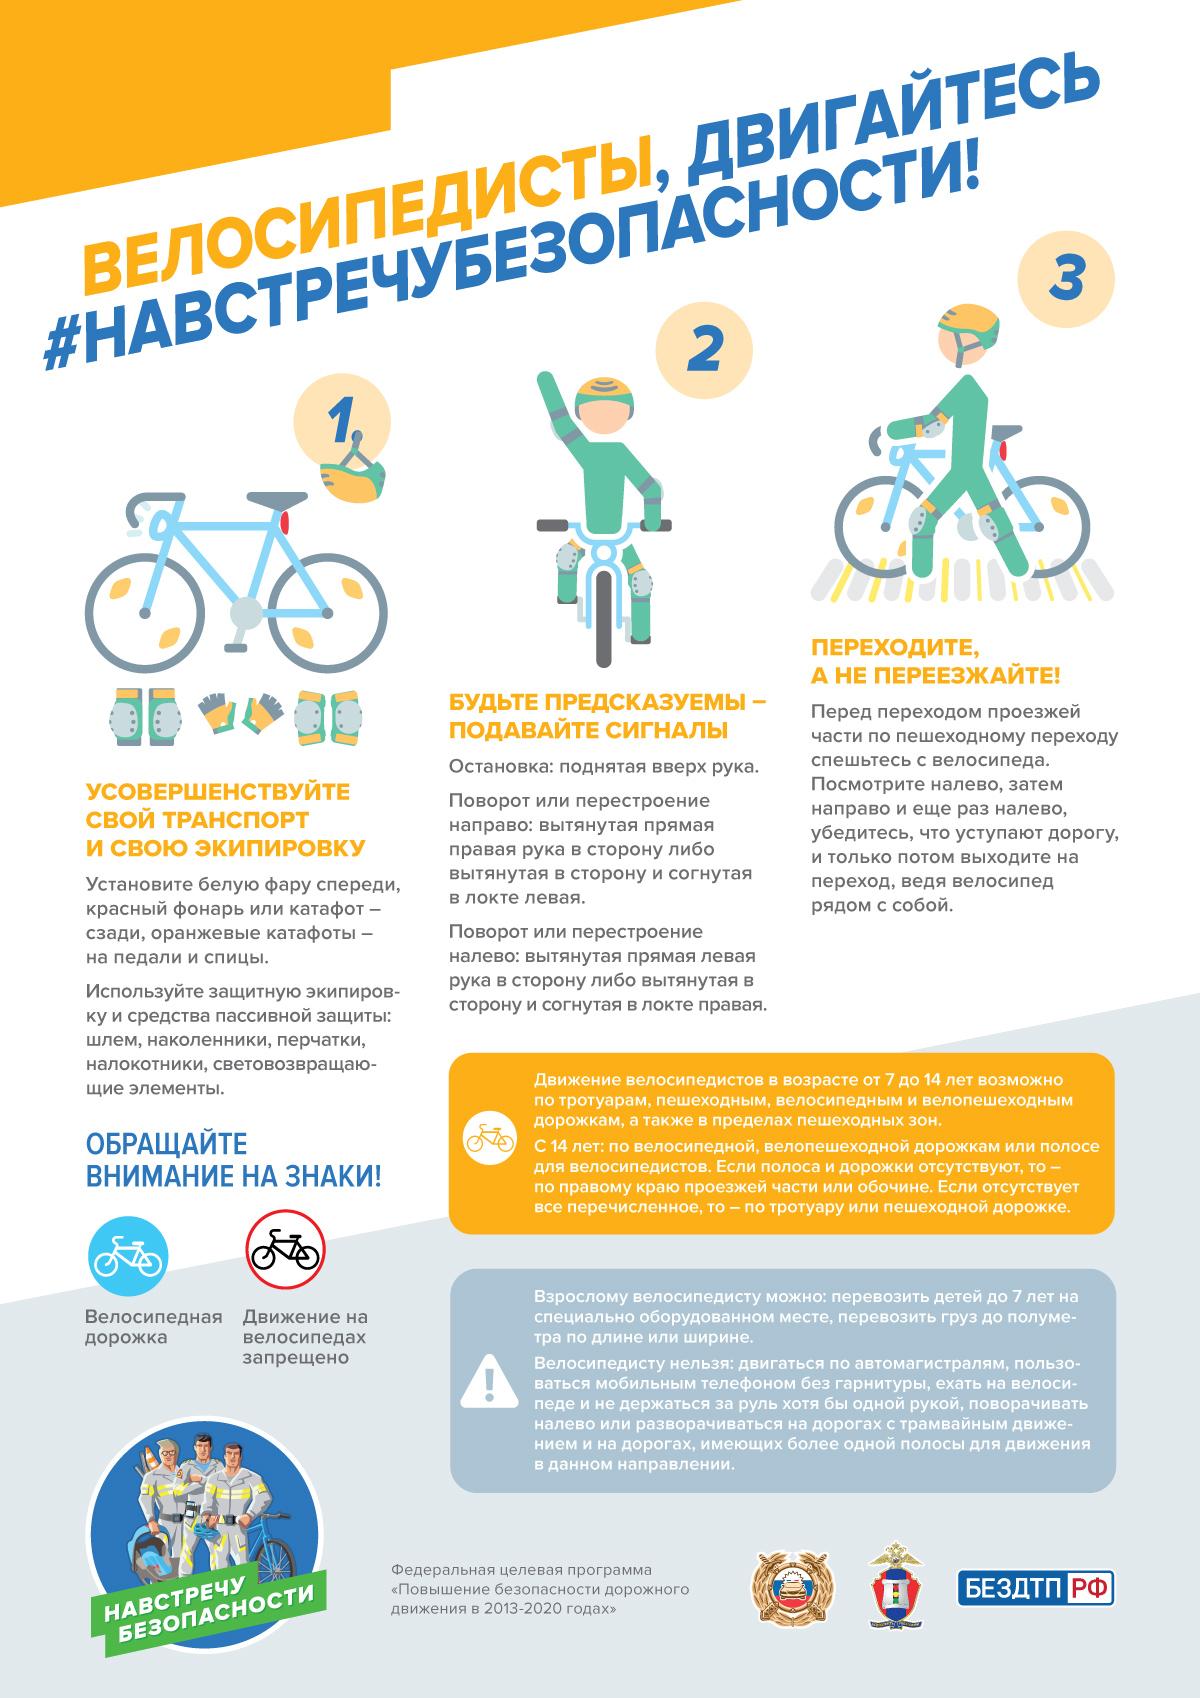 Велосипедисты, двигайтесь навстречу безопасности!